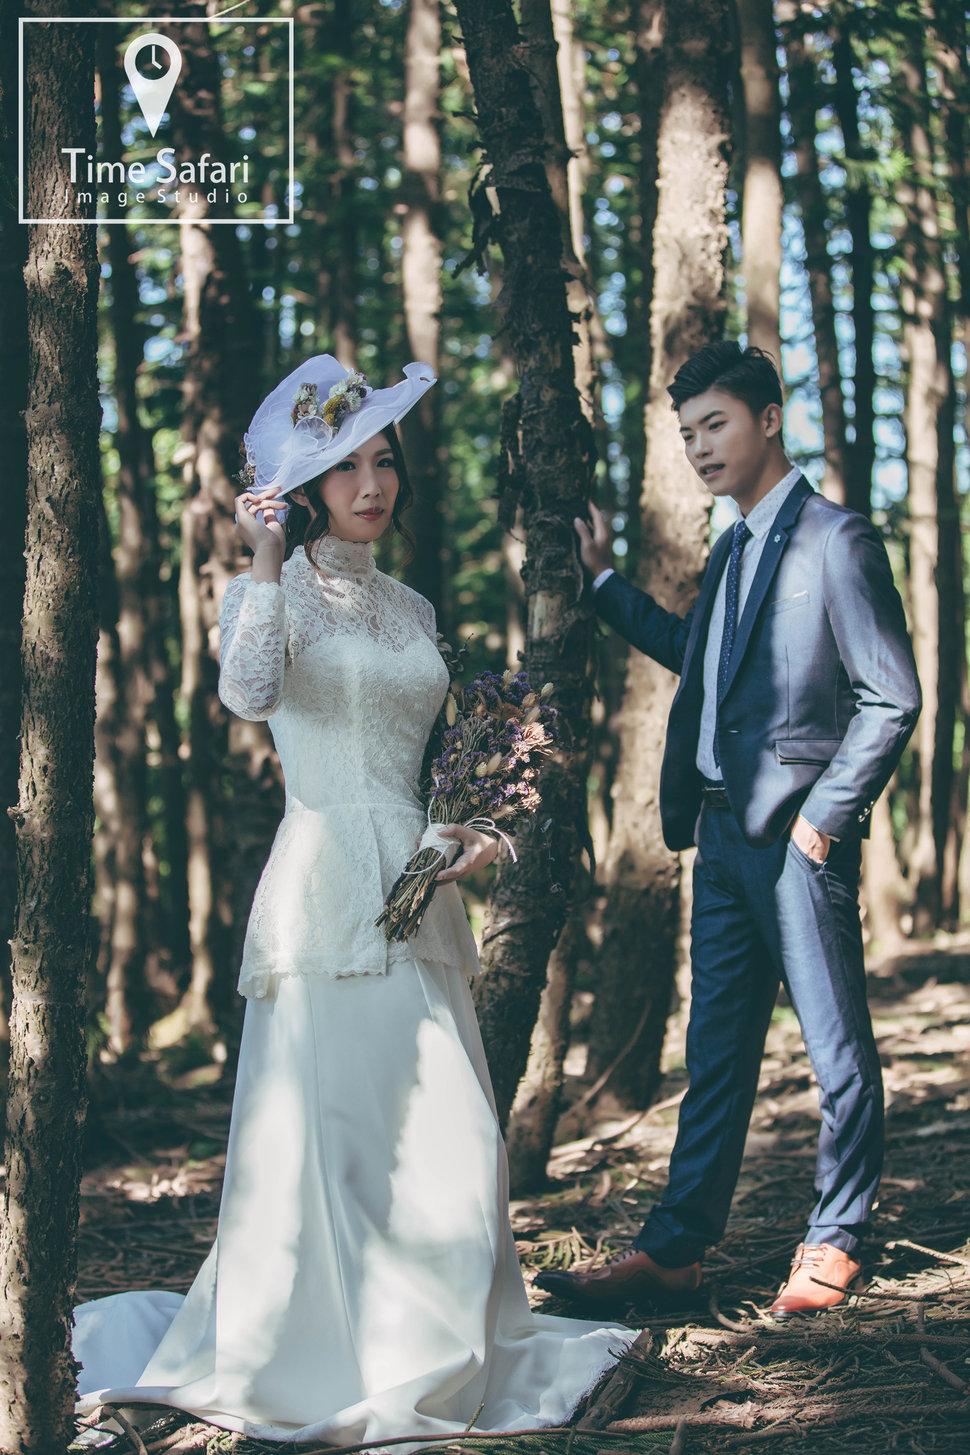 [經典、東方婚紗]因為有你(編號:306157) - TS image studio 時光行旅 - 結婚吧一站式婚禮服務平台